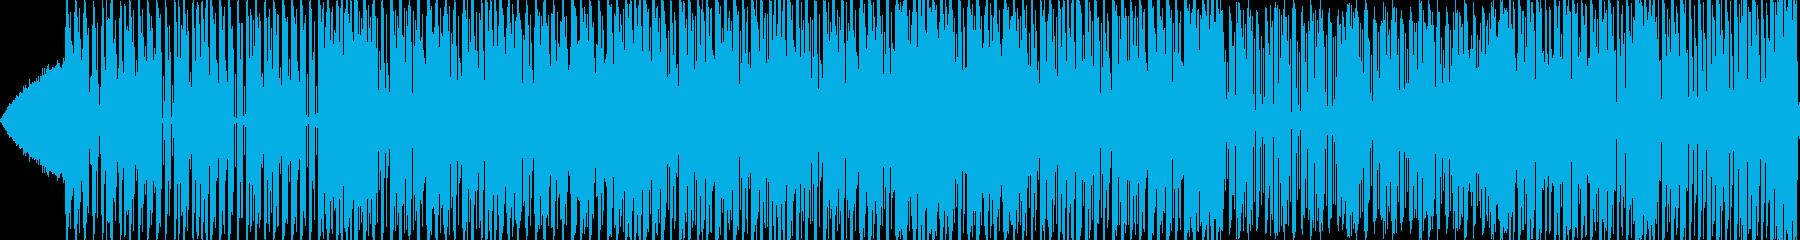 幻想的なEDMソングの再生済みの波形